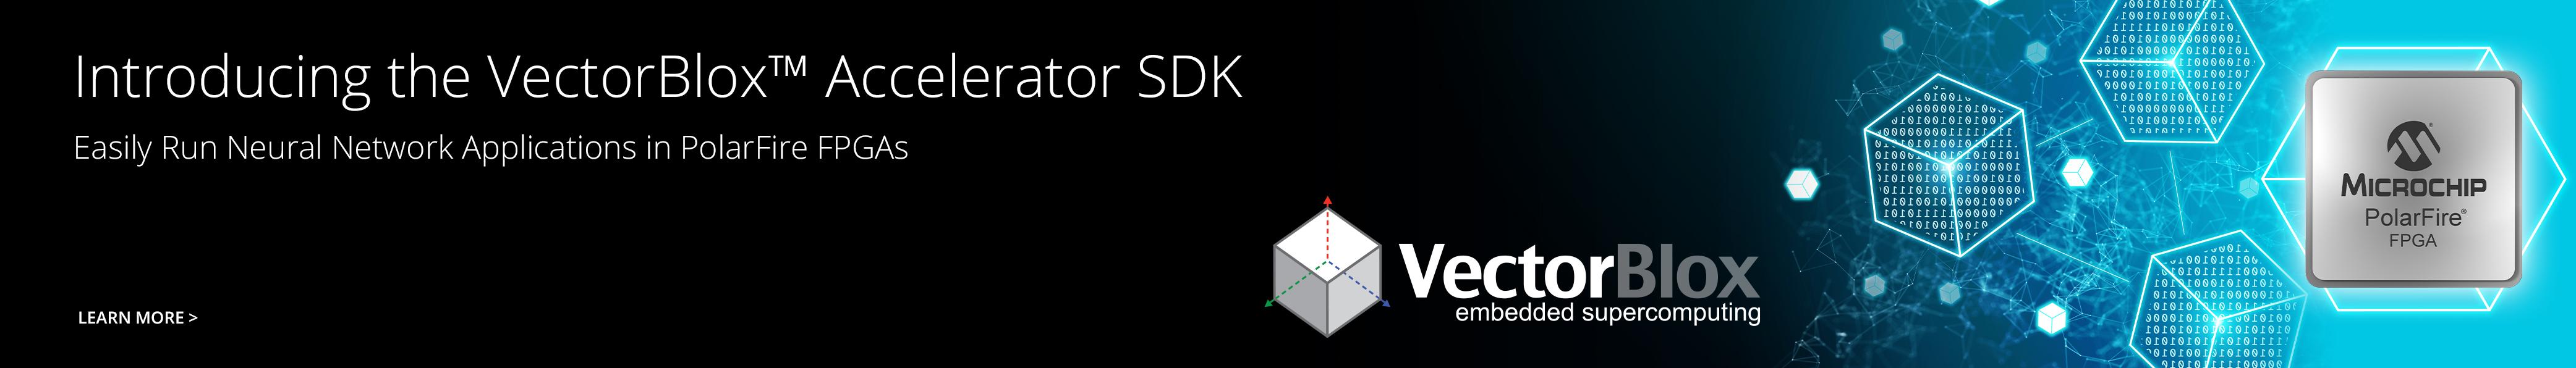 VectorBlox_home.jpg